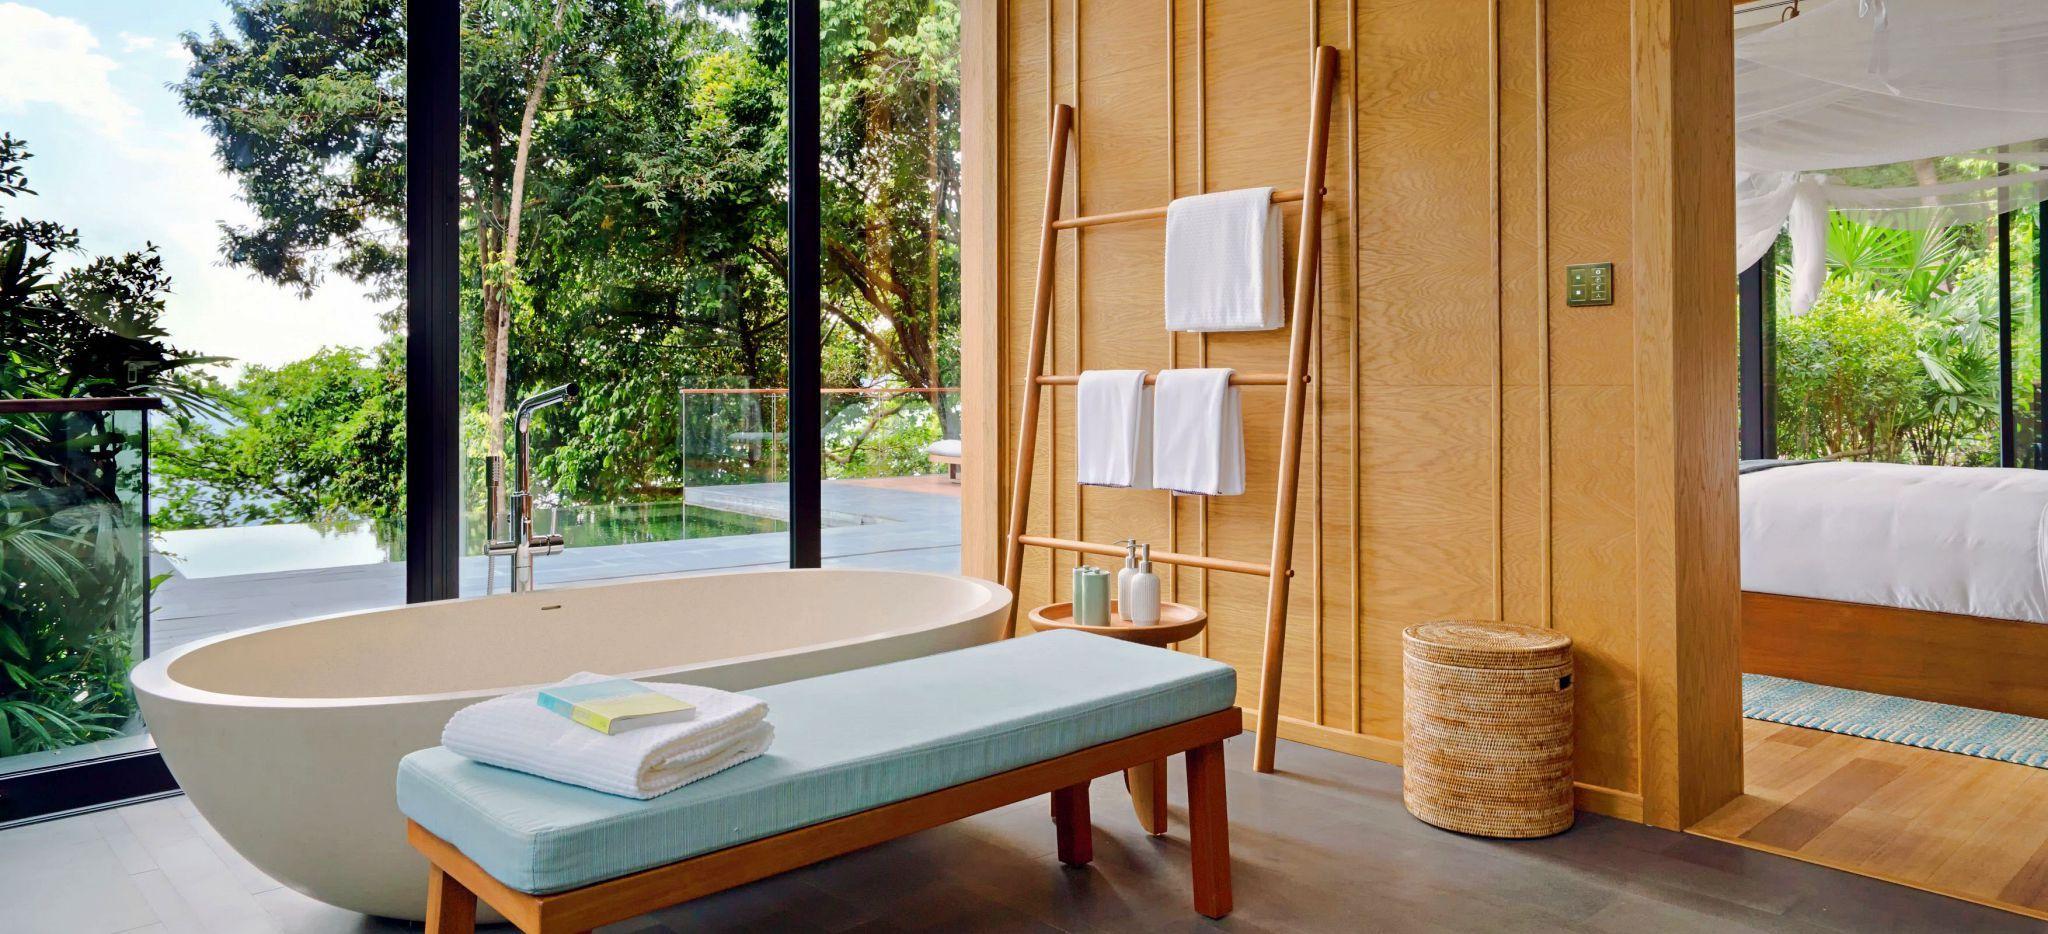 Badezimmer mit Badewann und Blick in den Dschungel, Hotelzimmer Ocean Pool Villa Suite im Hotel Six Senses Koh Krabey